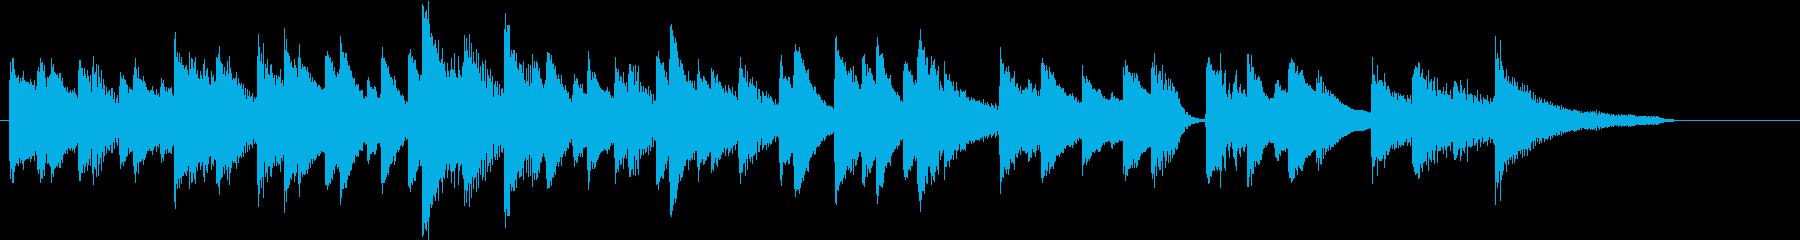 シンプルジャズのしっとり春ピアノジングルの再生済みの波形